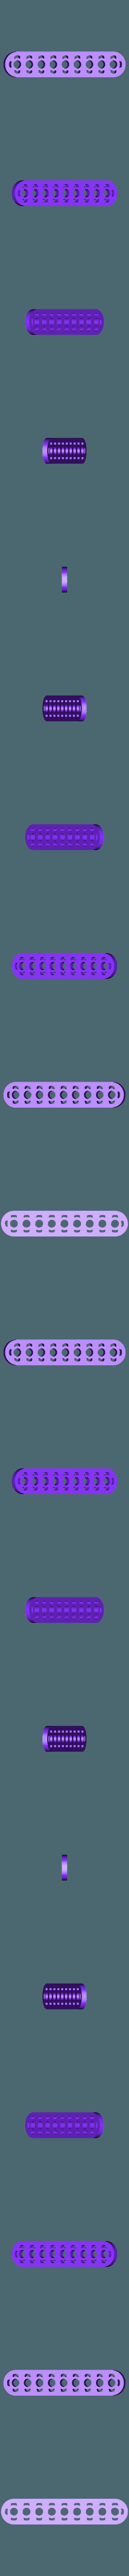 strait_9.STL Télécharger fichier STL gratuit MEGA Expansion 200+ Pièces • Plan à imprimer en 3D, Pwentey